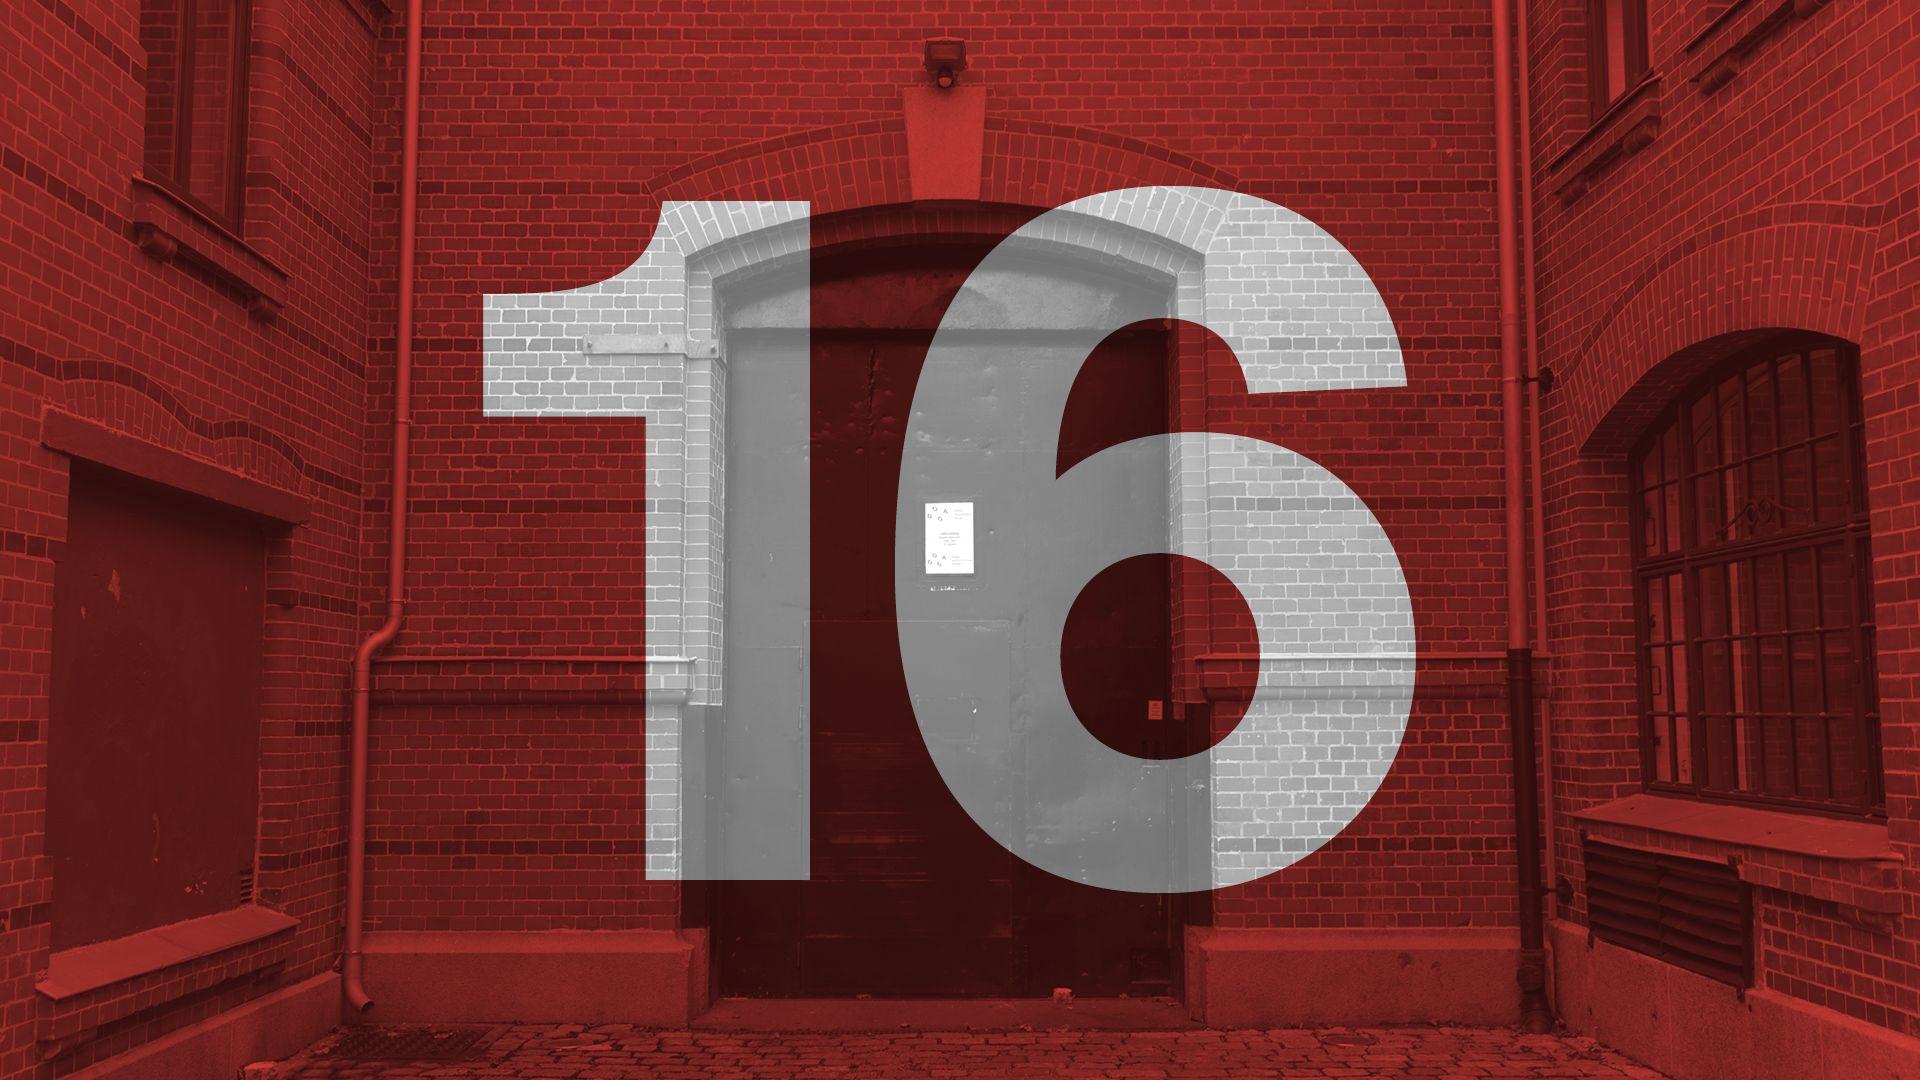 Luke nummer 16